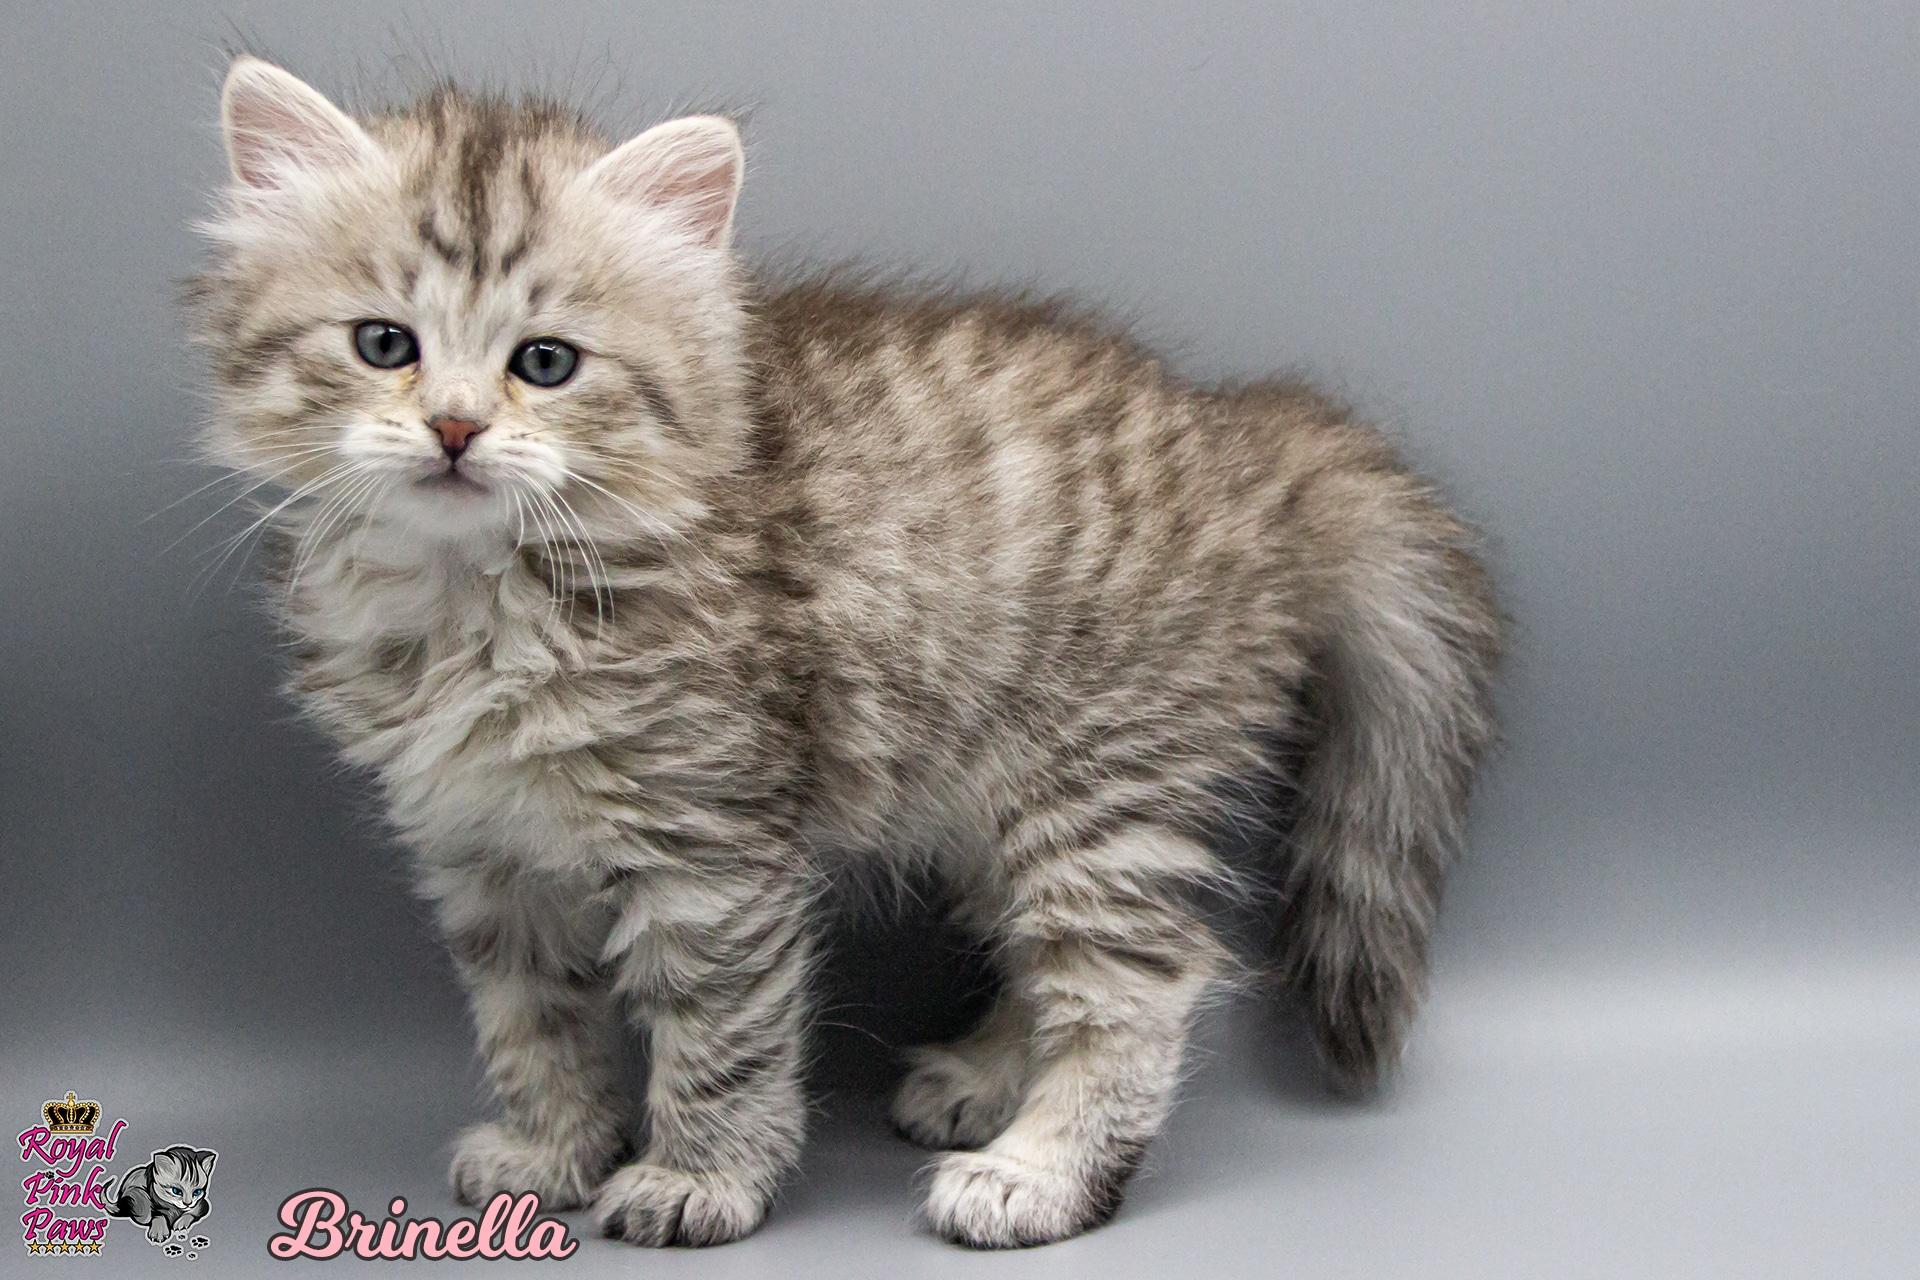 Sibirische Katze - Brinella Royal Pink Paws